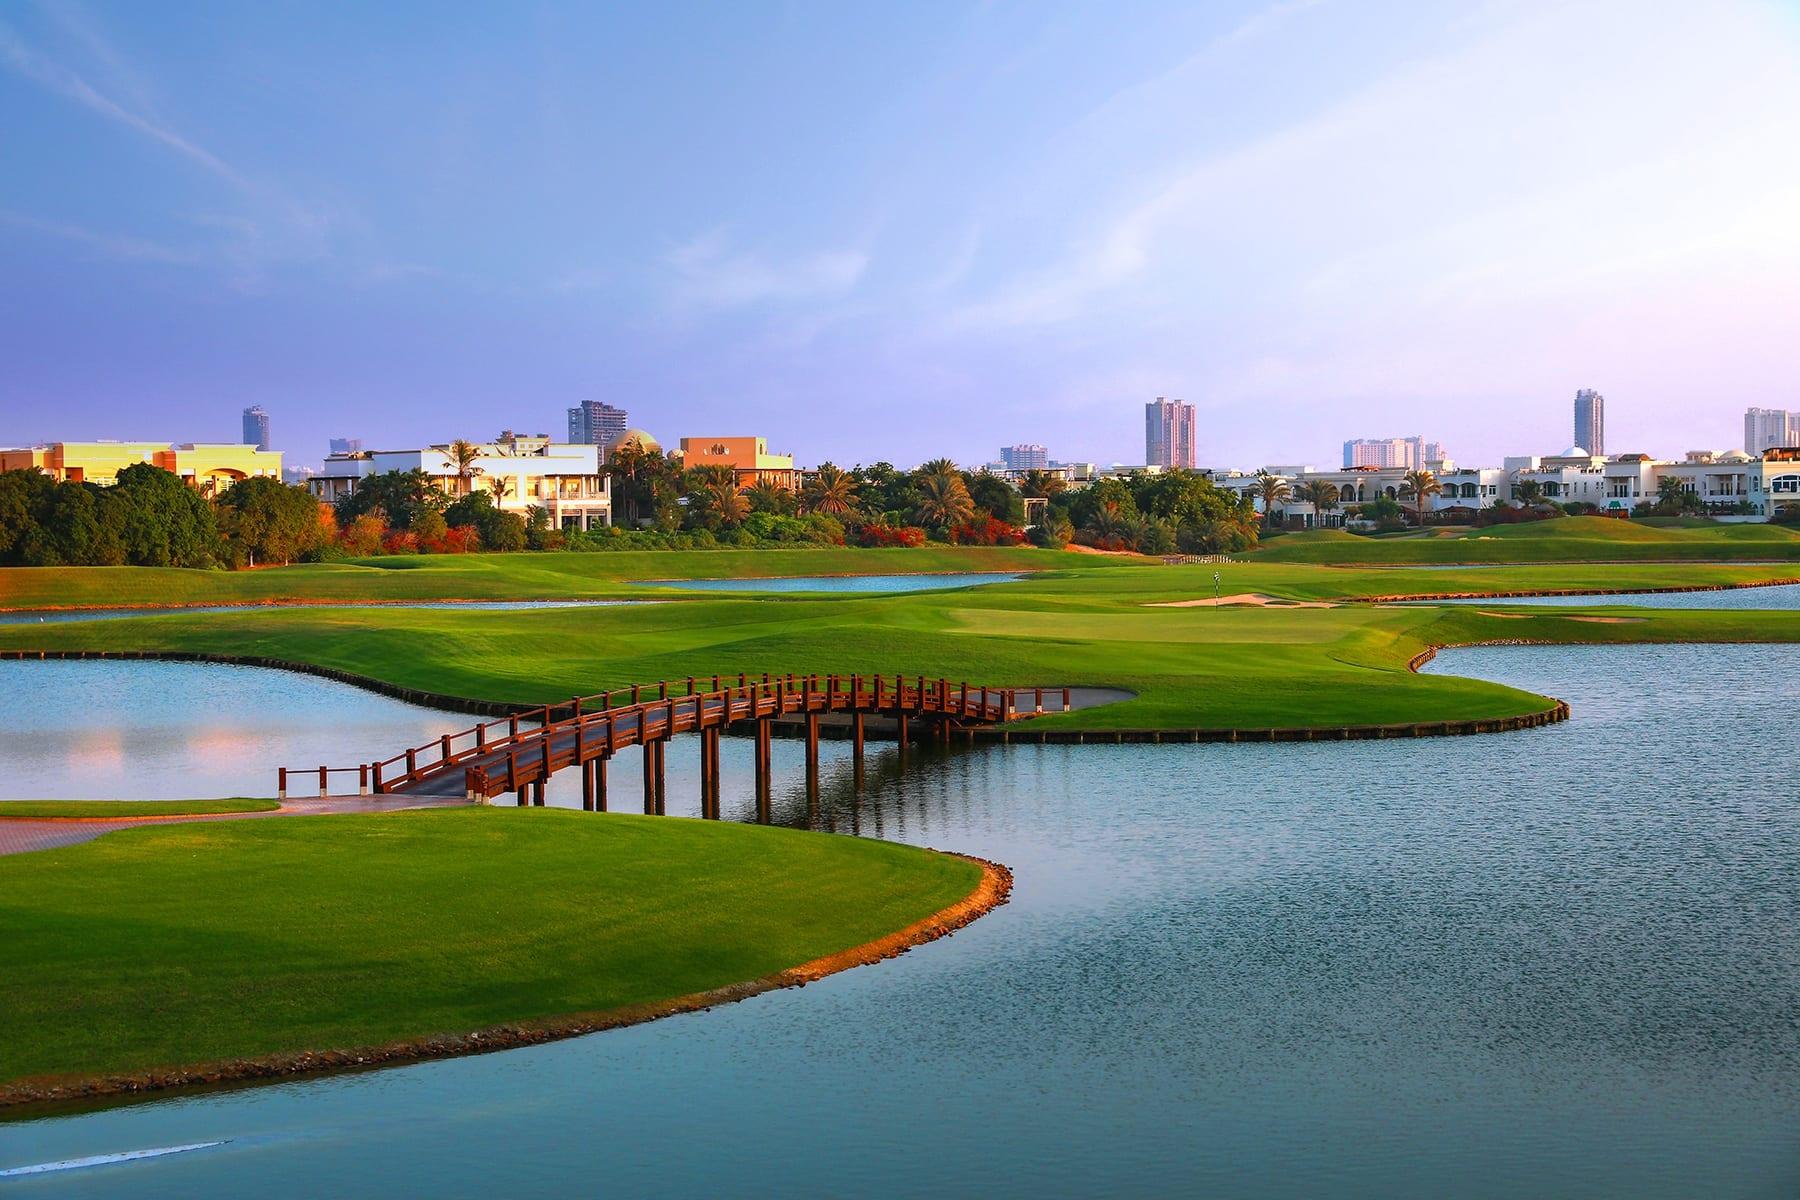 Best Golf Courses in Dubai